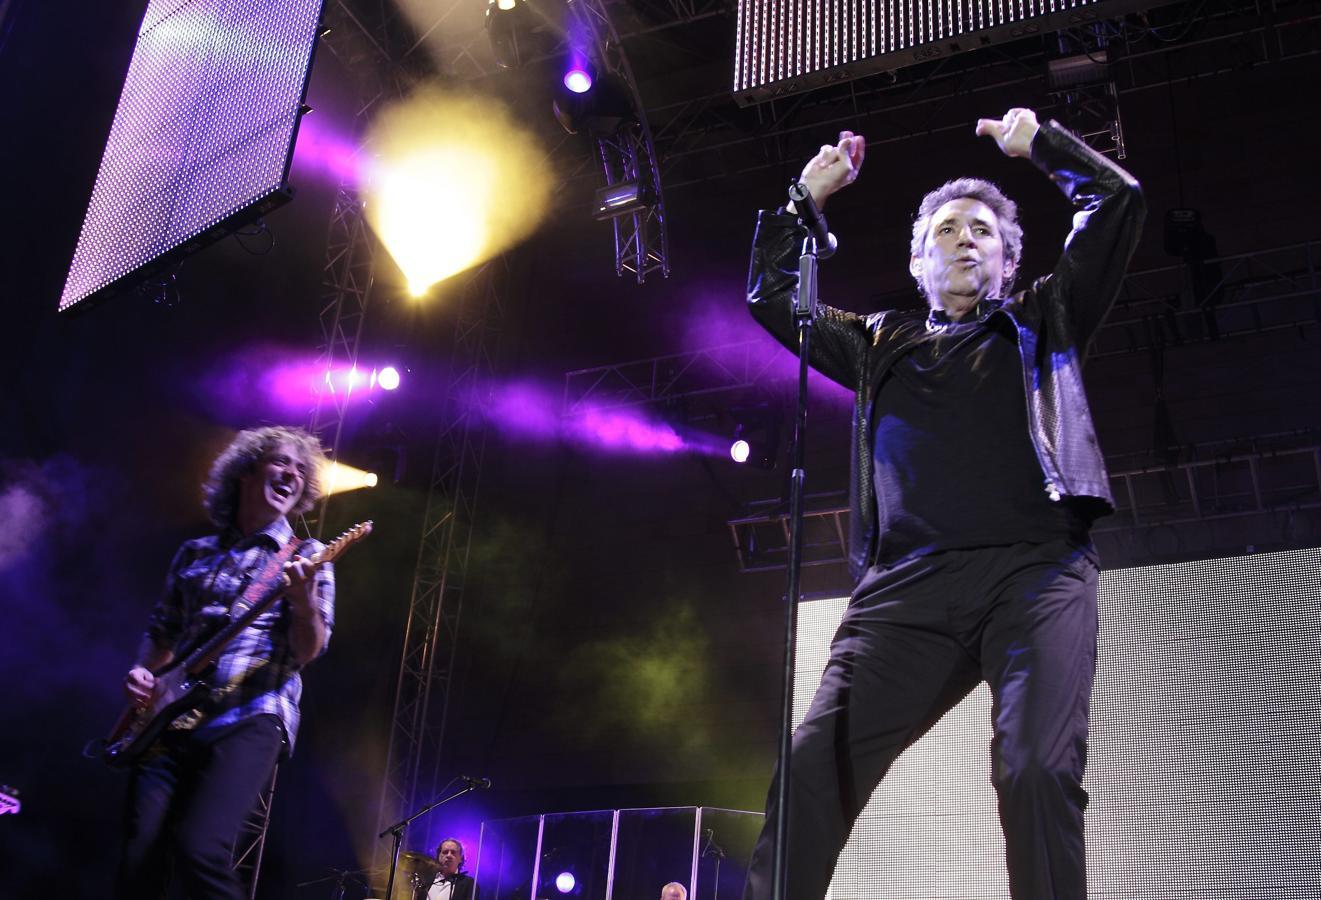 Mike Ríos, «el Rey del Twist», no tenía la belleza deanesca de Hallyday, aunque su discográfica creó su imagen musical inspirándose en el francés. Ríos nunca apareció en una película de Godard, pero su figura como pionero del rock en nuestro país es comparable a la de Johnny.